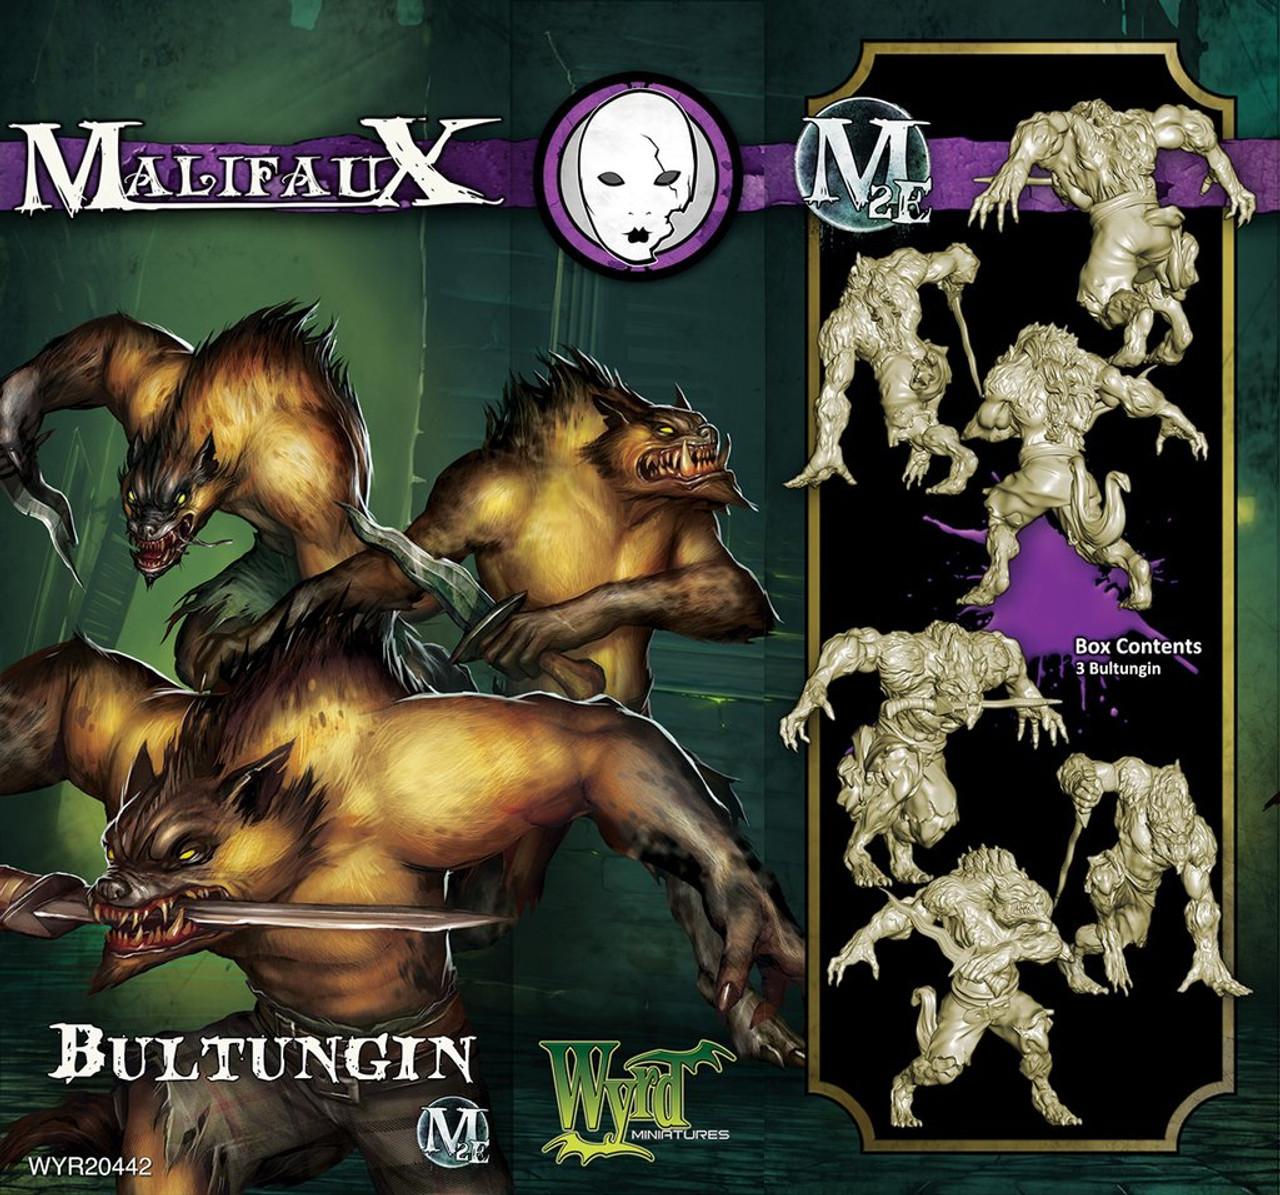 Malifaux Bultungin - Neverborn - M2E